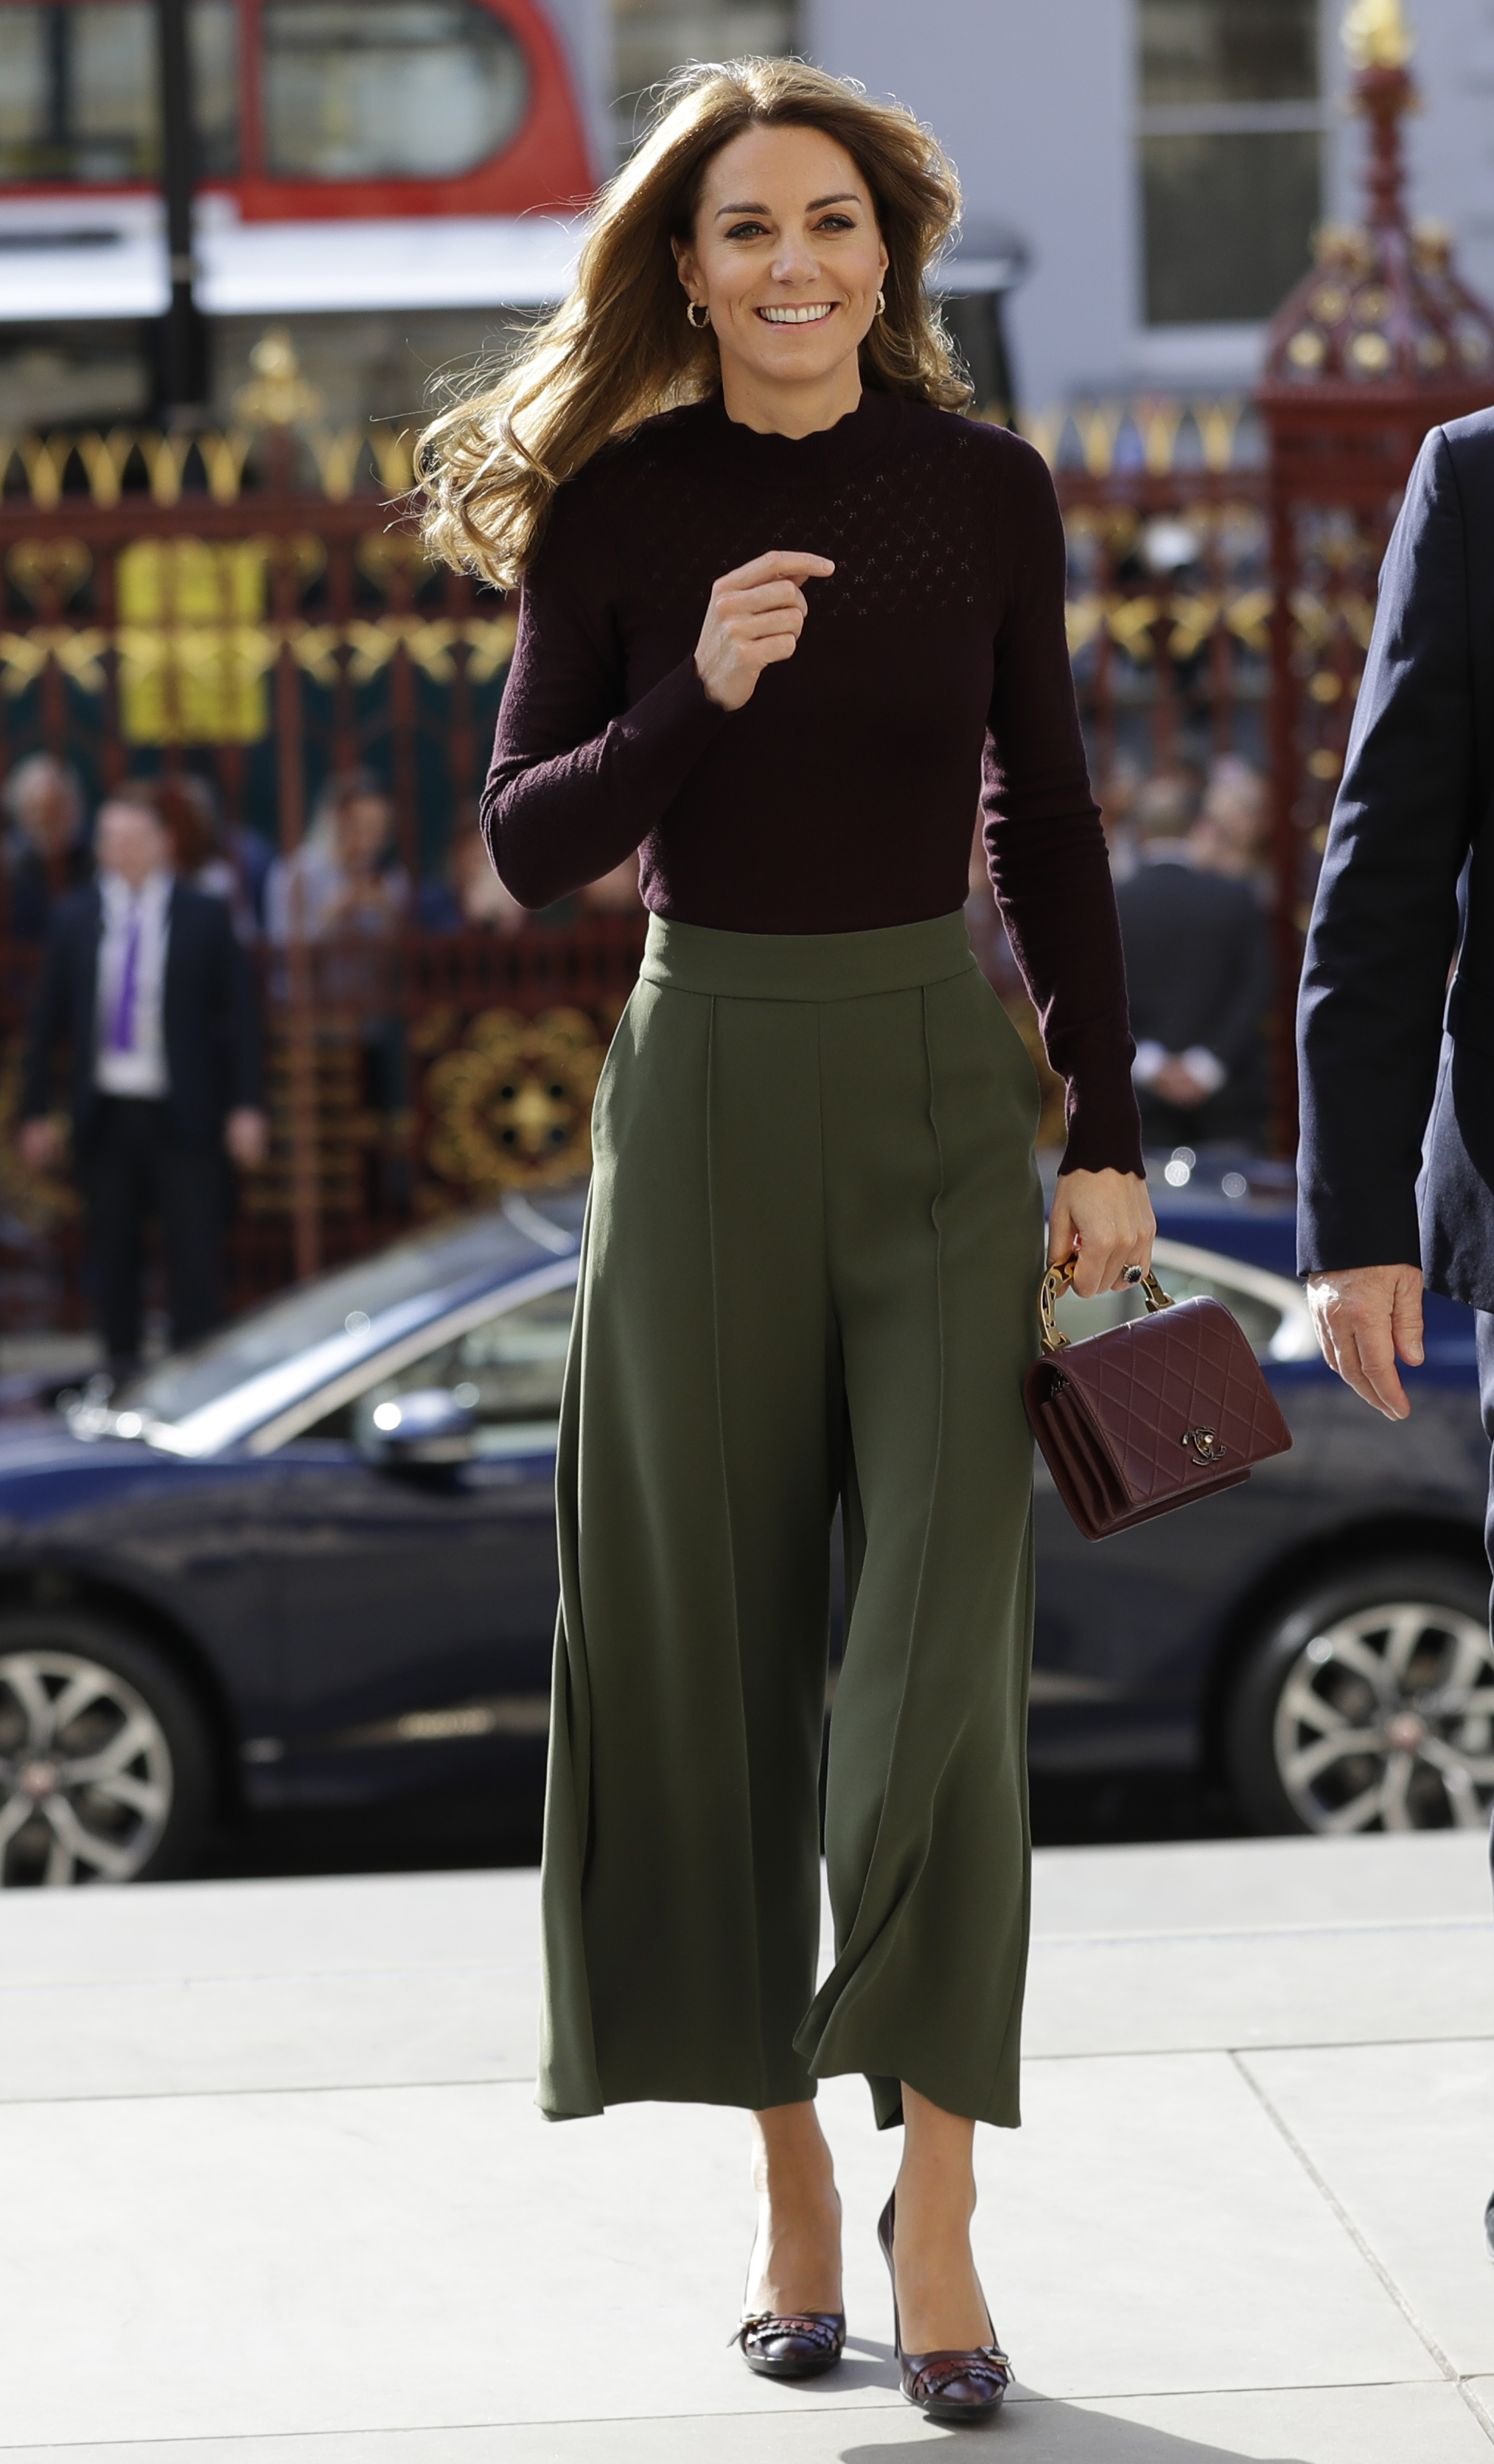 H Kate Middleton μόλις φόρεσε τον πιο «δυνατό», χρωματικό συνδυασμό της χρονιάς